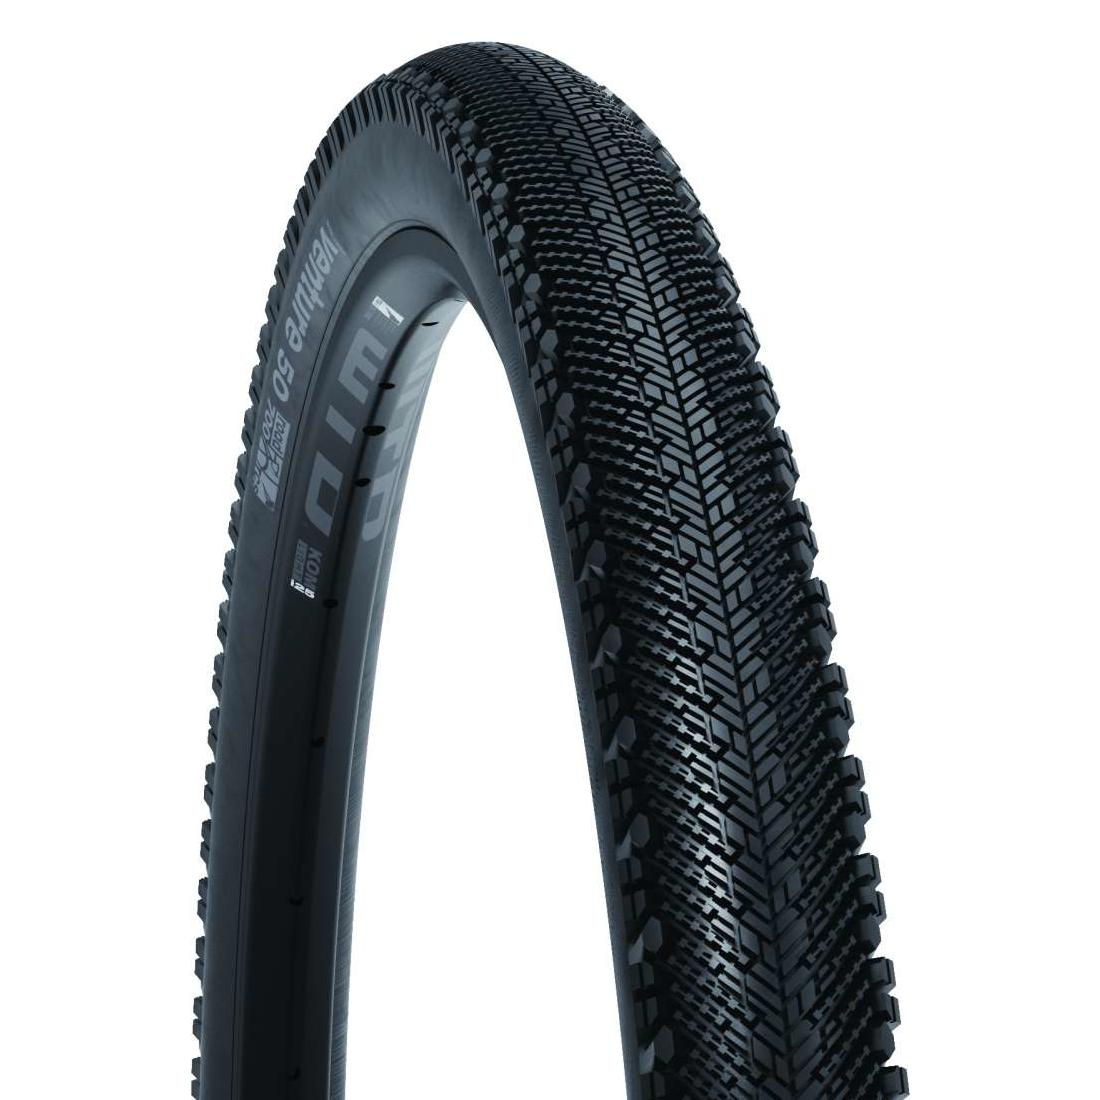 Bild von WTB Venture TCS Light/Fast Rolling Faltreifen - SG2 - 47-622 / 700 x 50C - schwarz